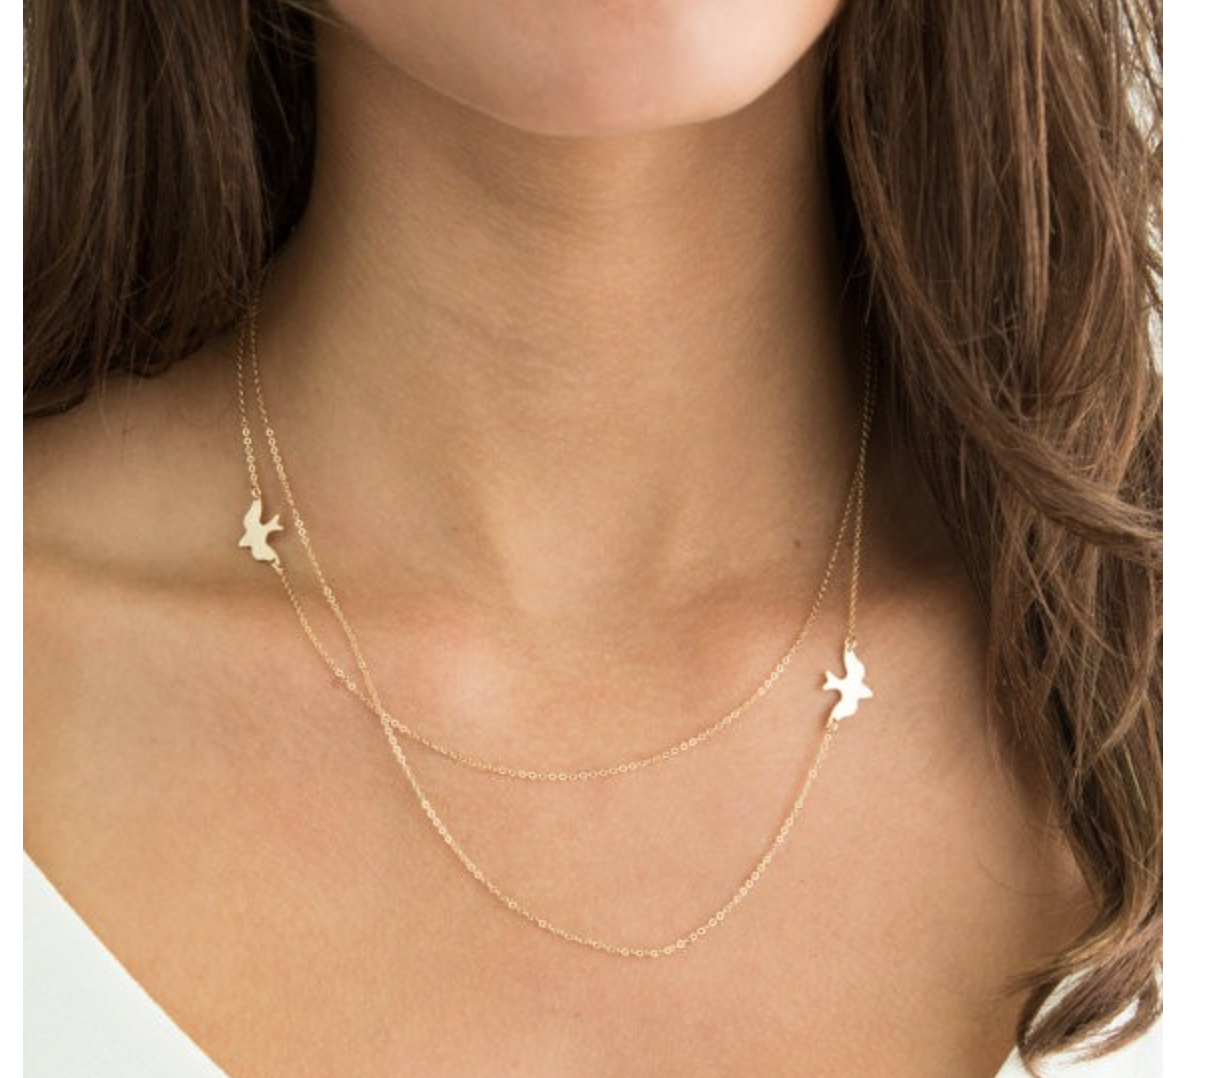 1ce3718d6f53 1 von 2Kostenloser Versand Damen doppel Kette Halskette gold silber Vogel  Bird Tier Style Blogger Freiheit